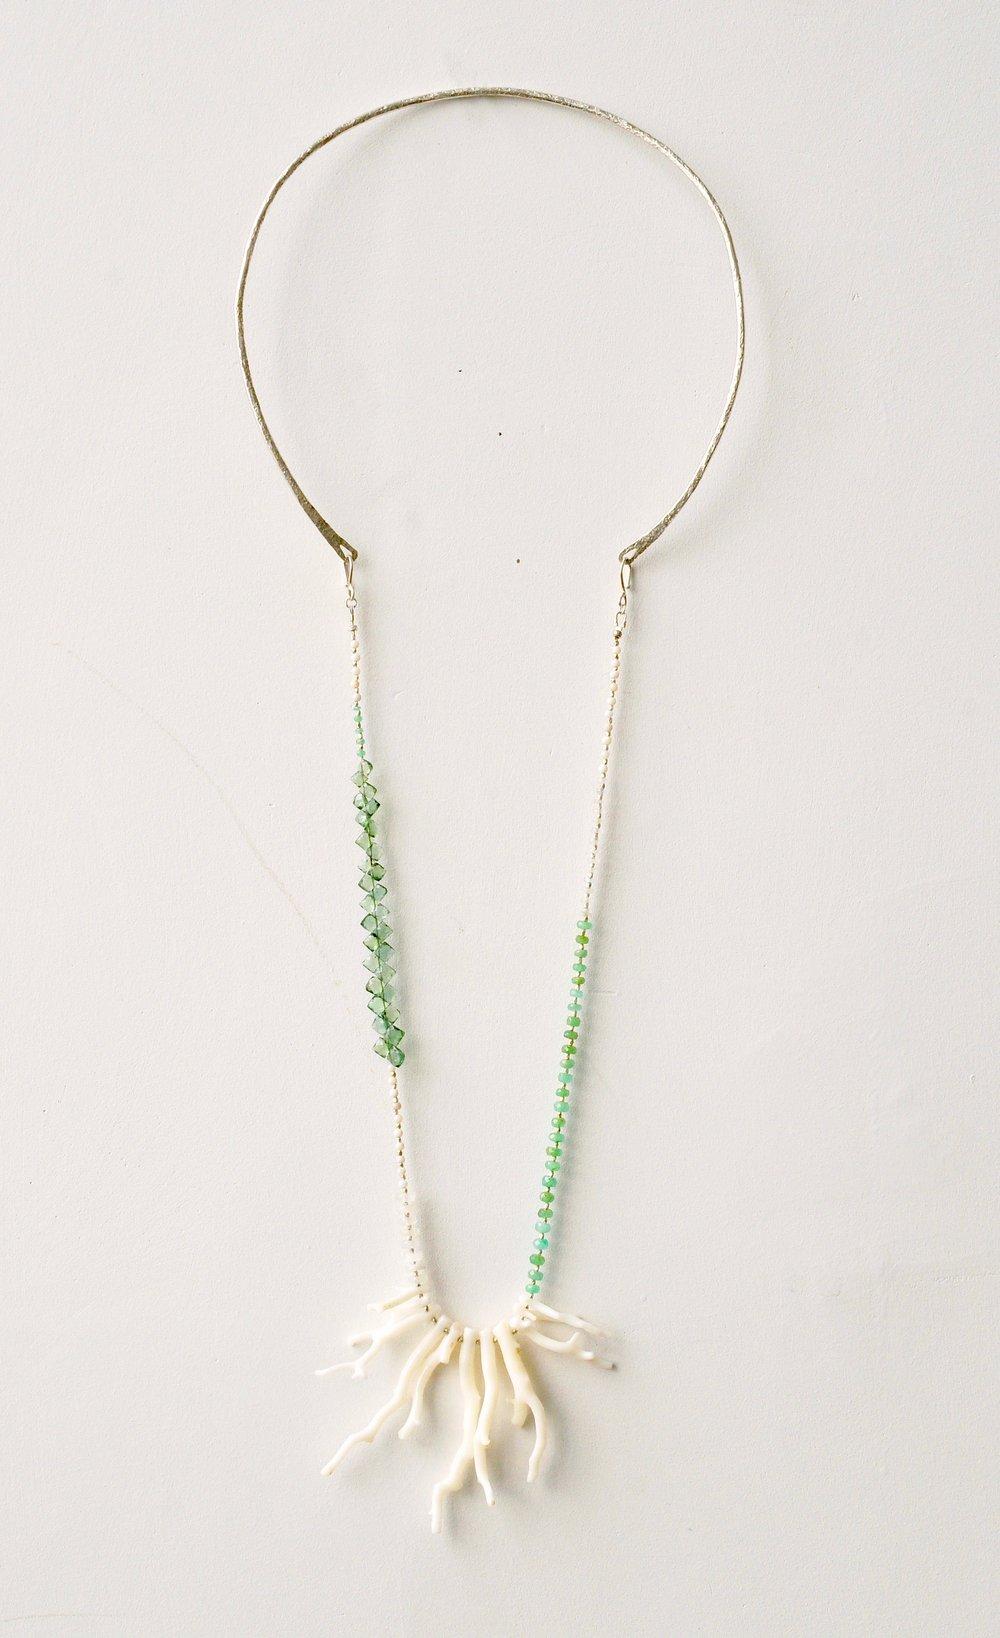 WhiteCoral-Apatite-collar.jpeg